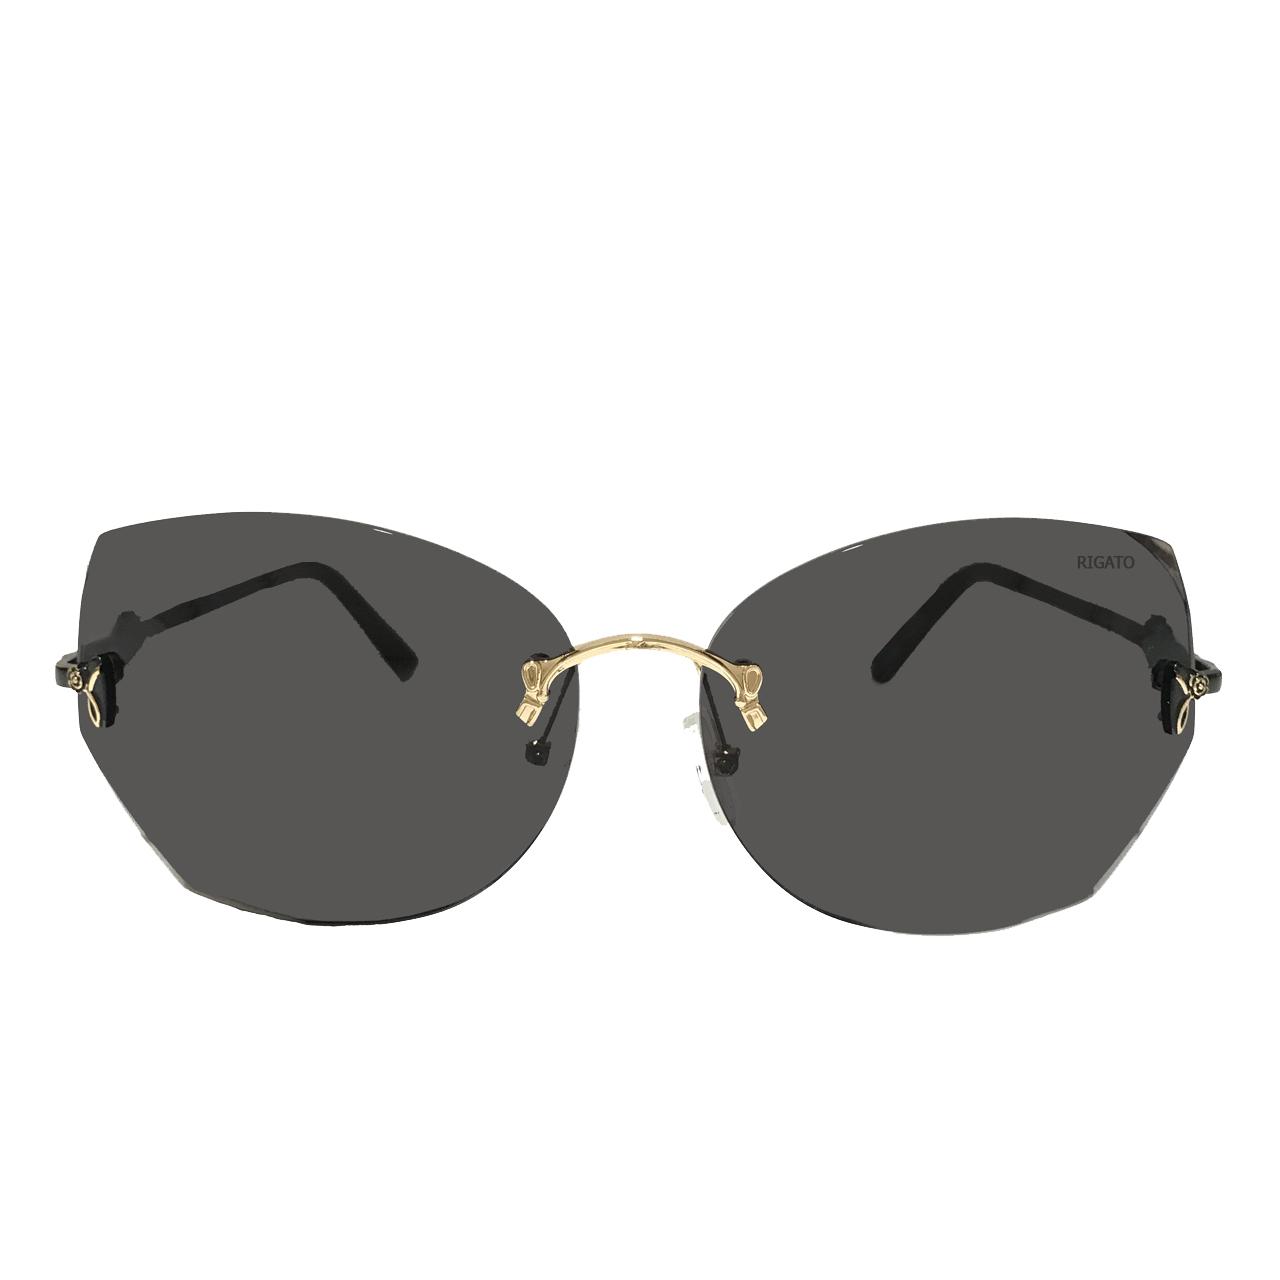 عینک آفتابی زنانه ریگاتو کد 6886-202